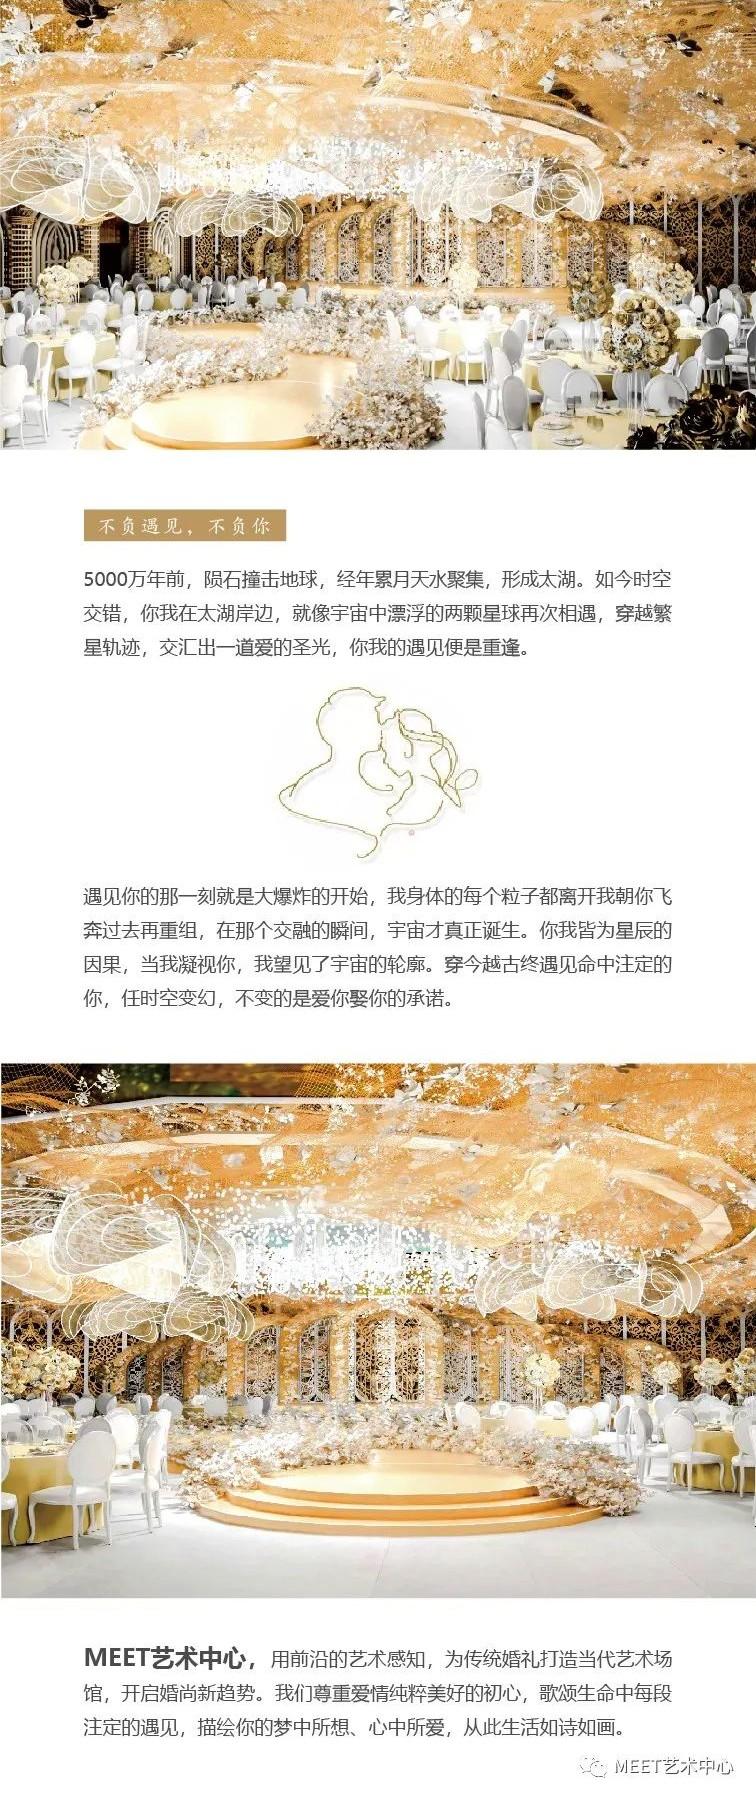 婚礼堂发布:苏州太湖湾畔一站式婚礼艺术中心  第2张